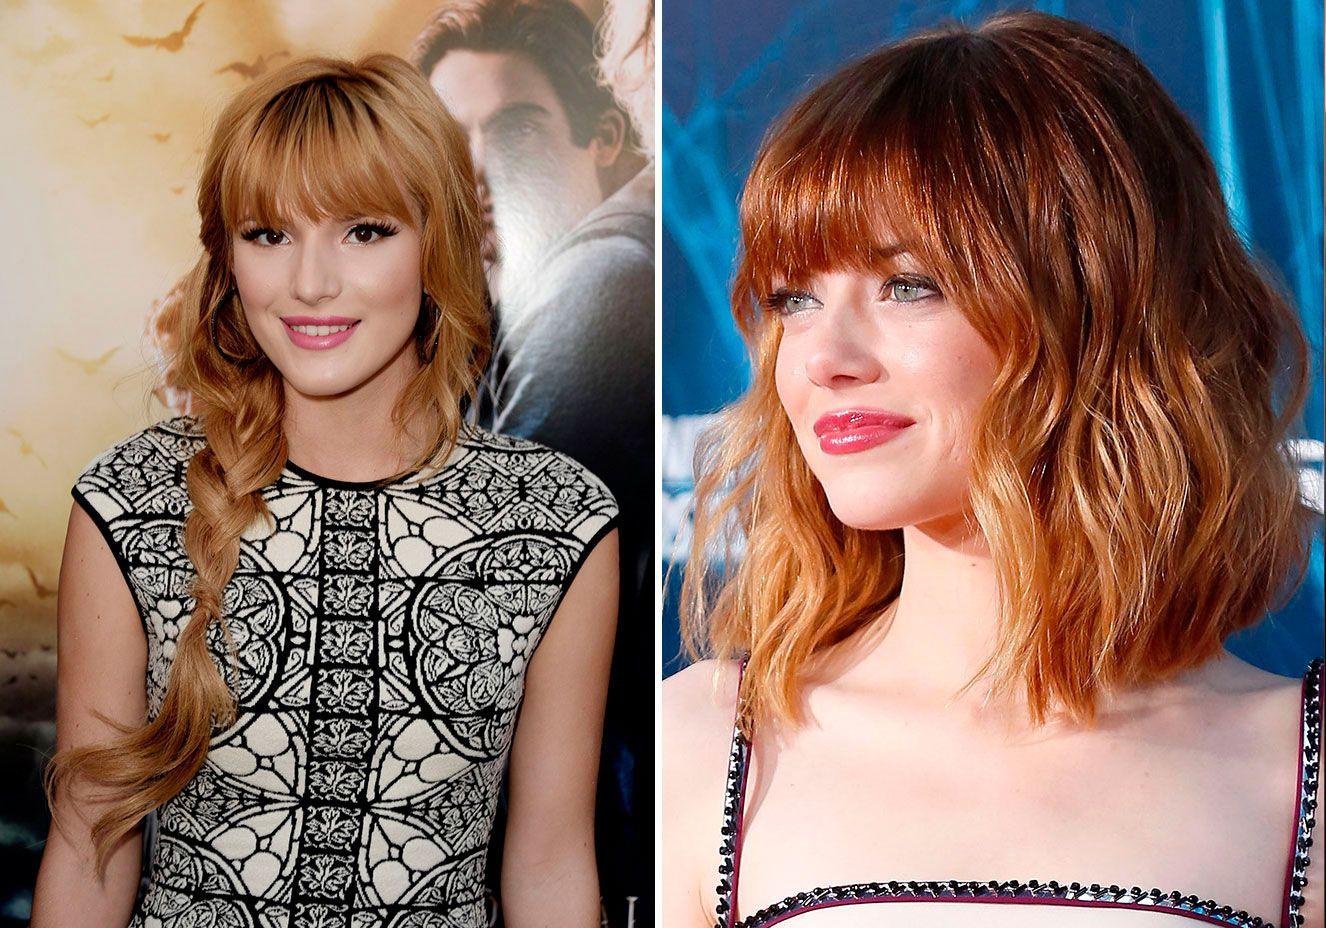 Penteados com franja: inspire-se nas famosas para sair do comum